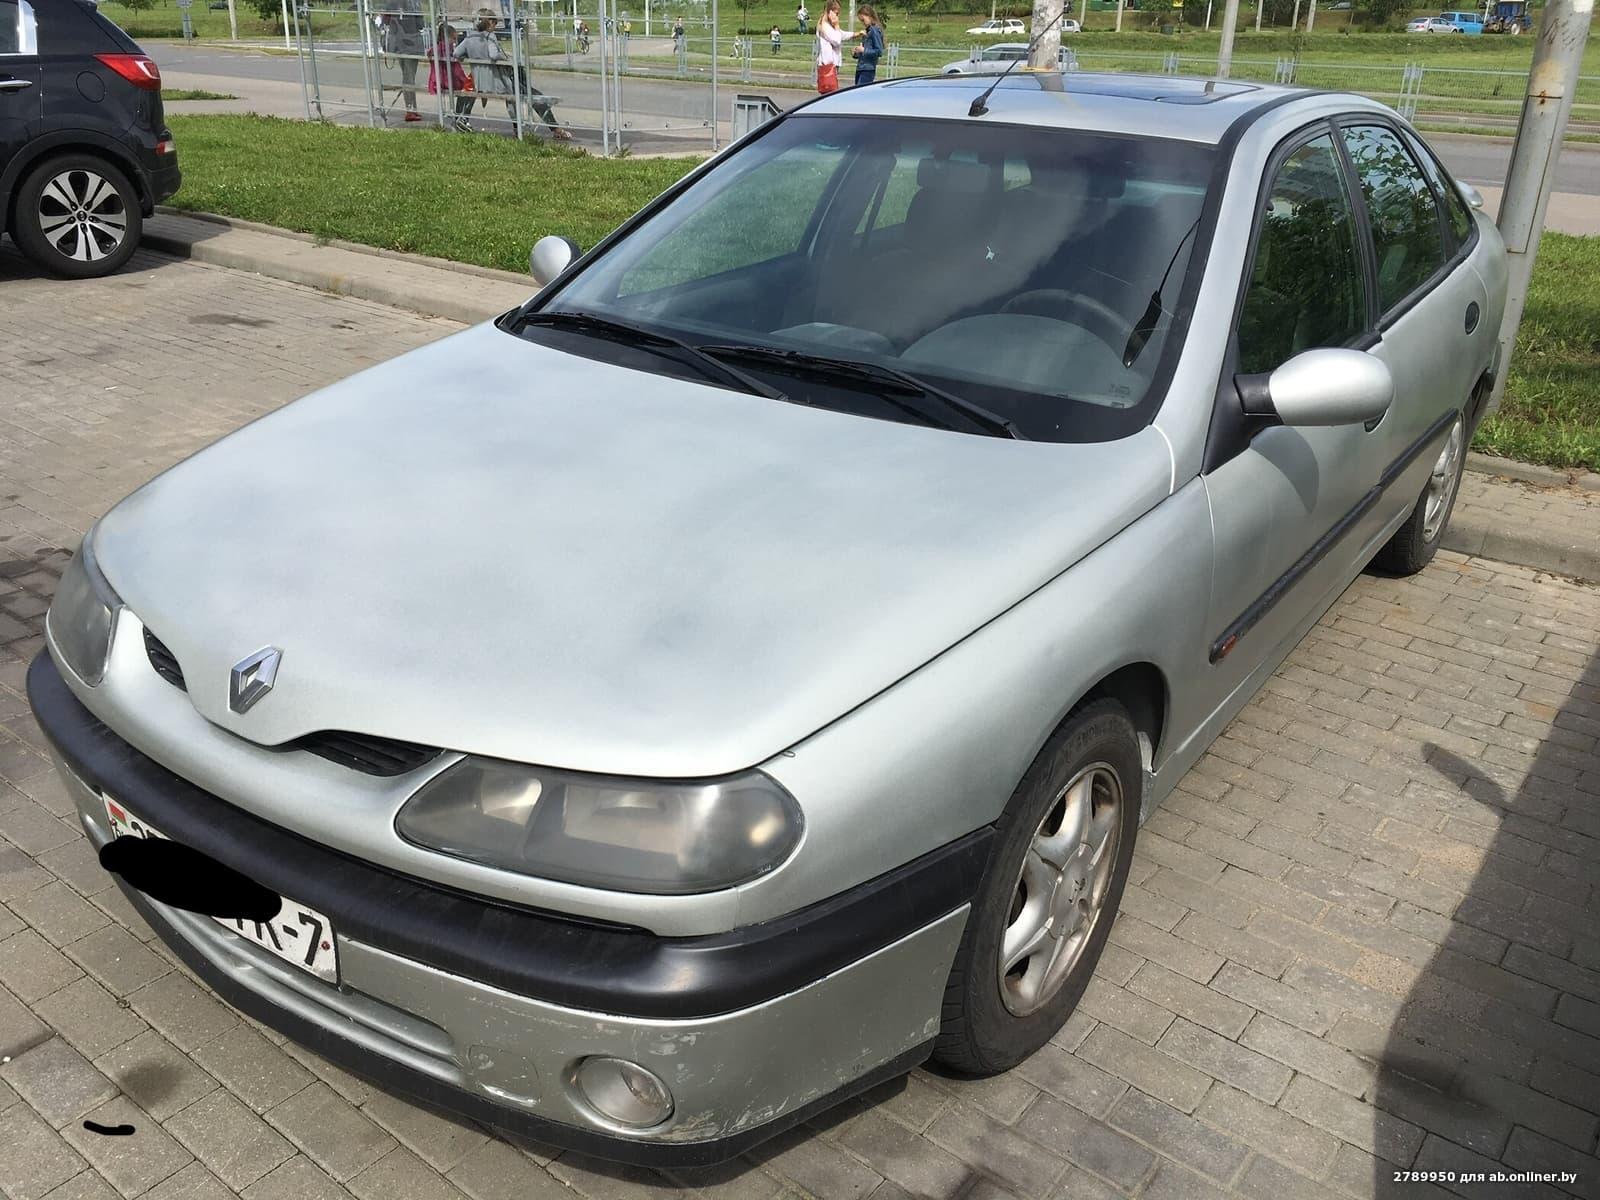 Renault Laguna 1